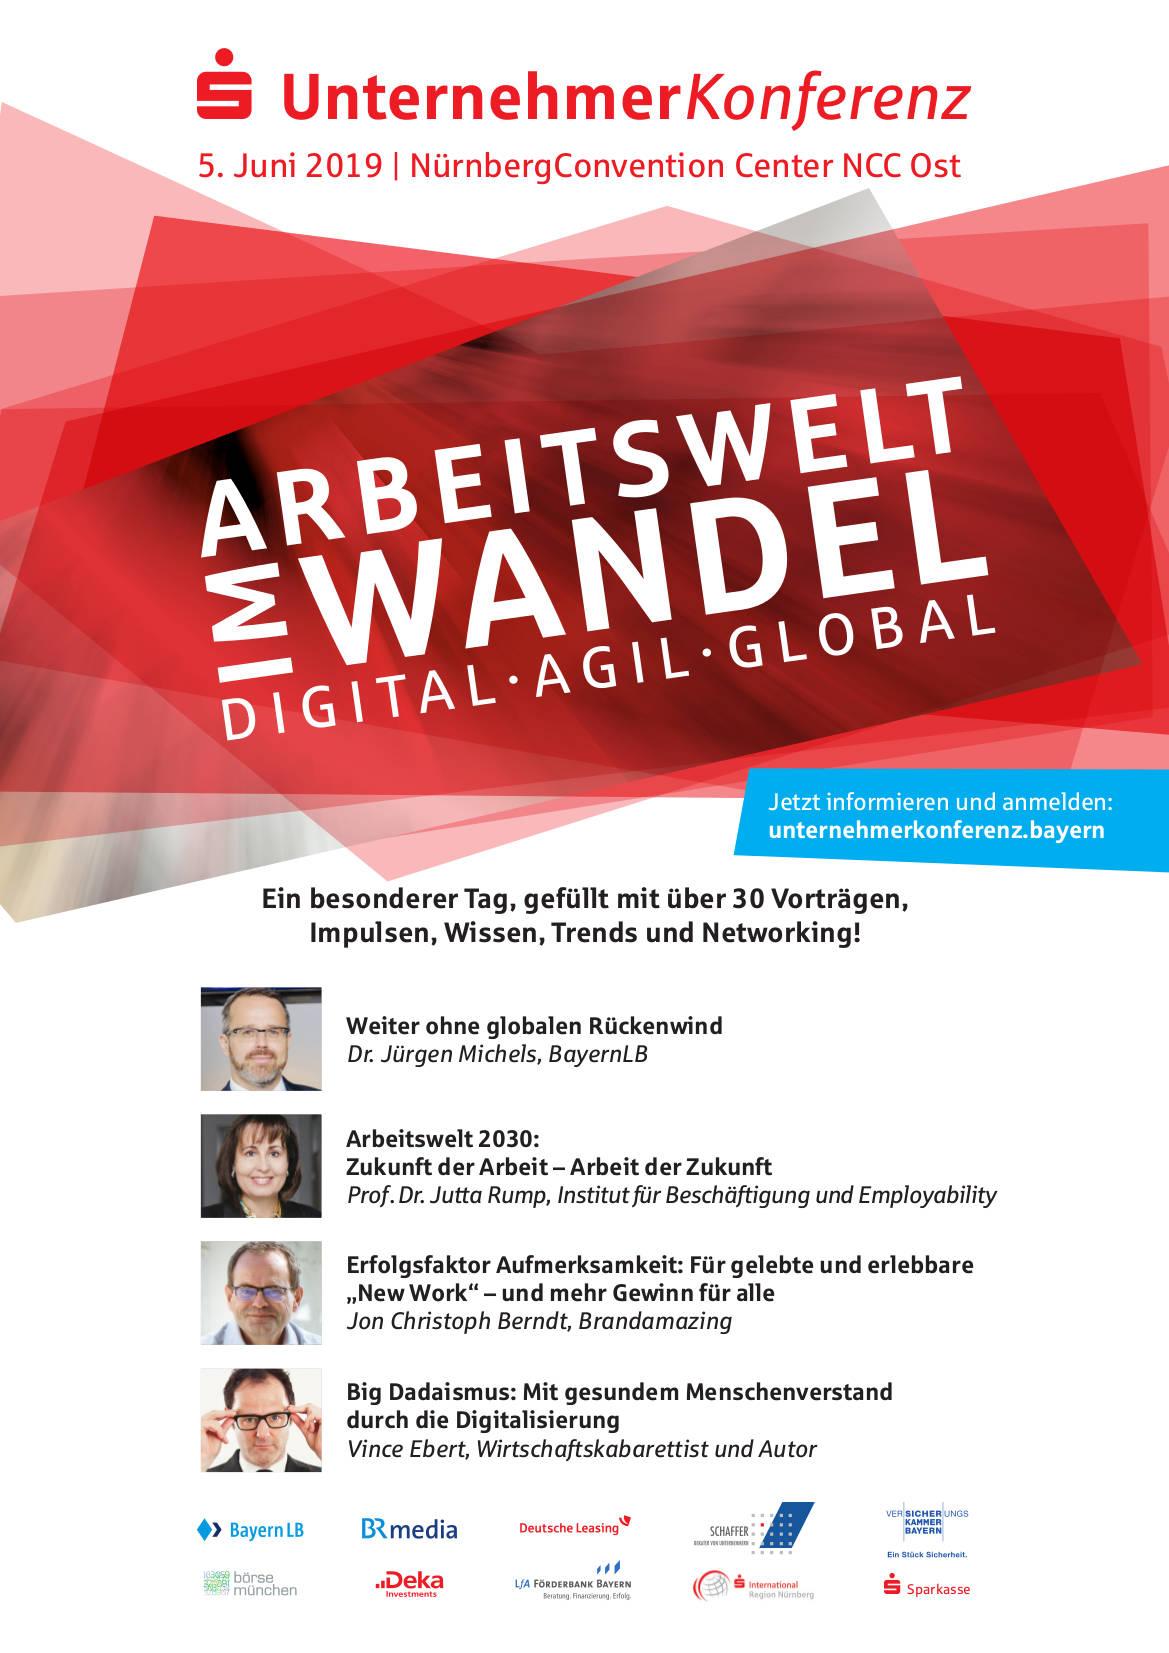 UnternehmerKonferenz 2019: Arbeitswelt im Wandel. Digital. Agil. Global. 3